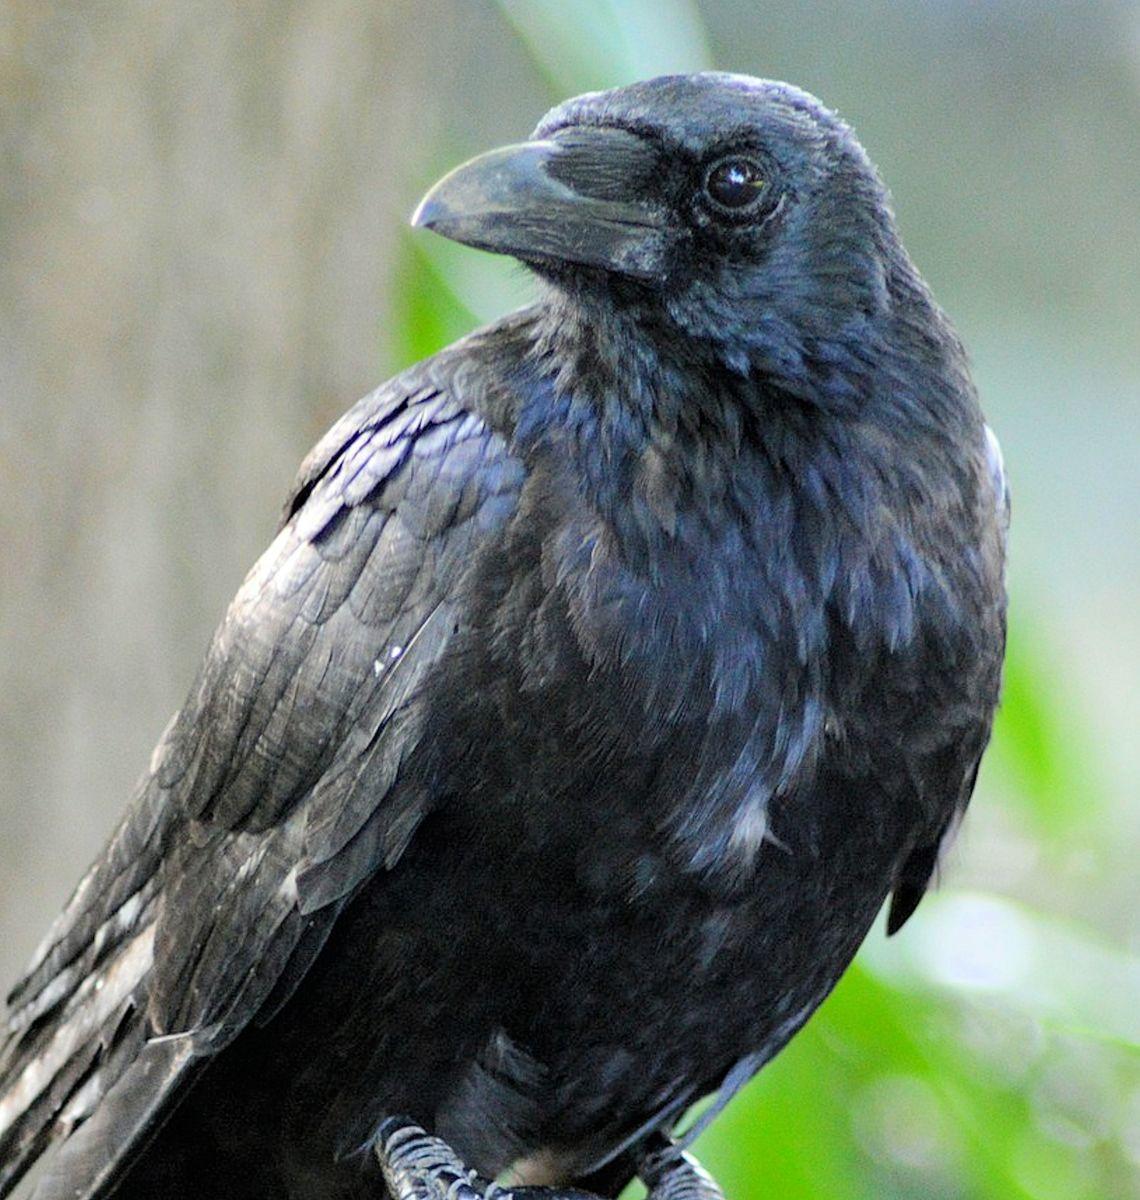 Raven on window sill